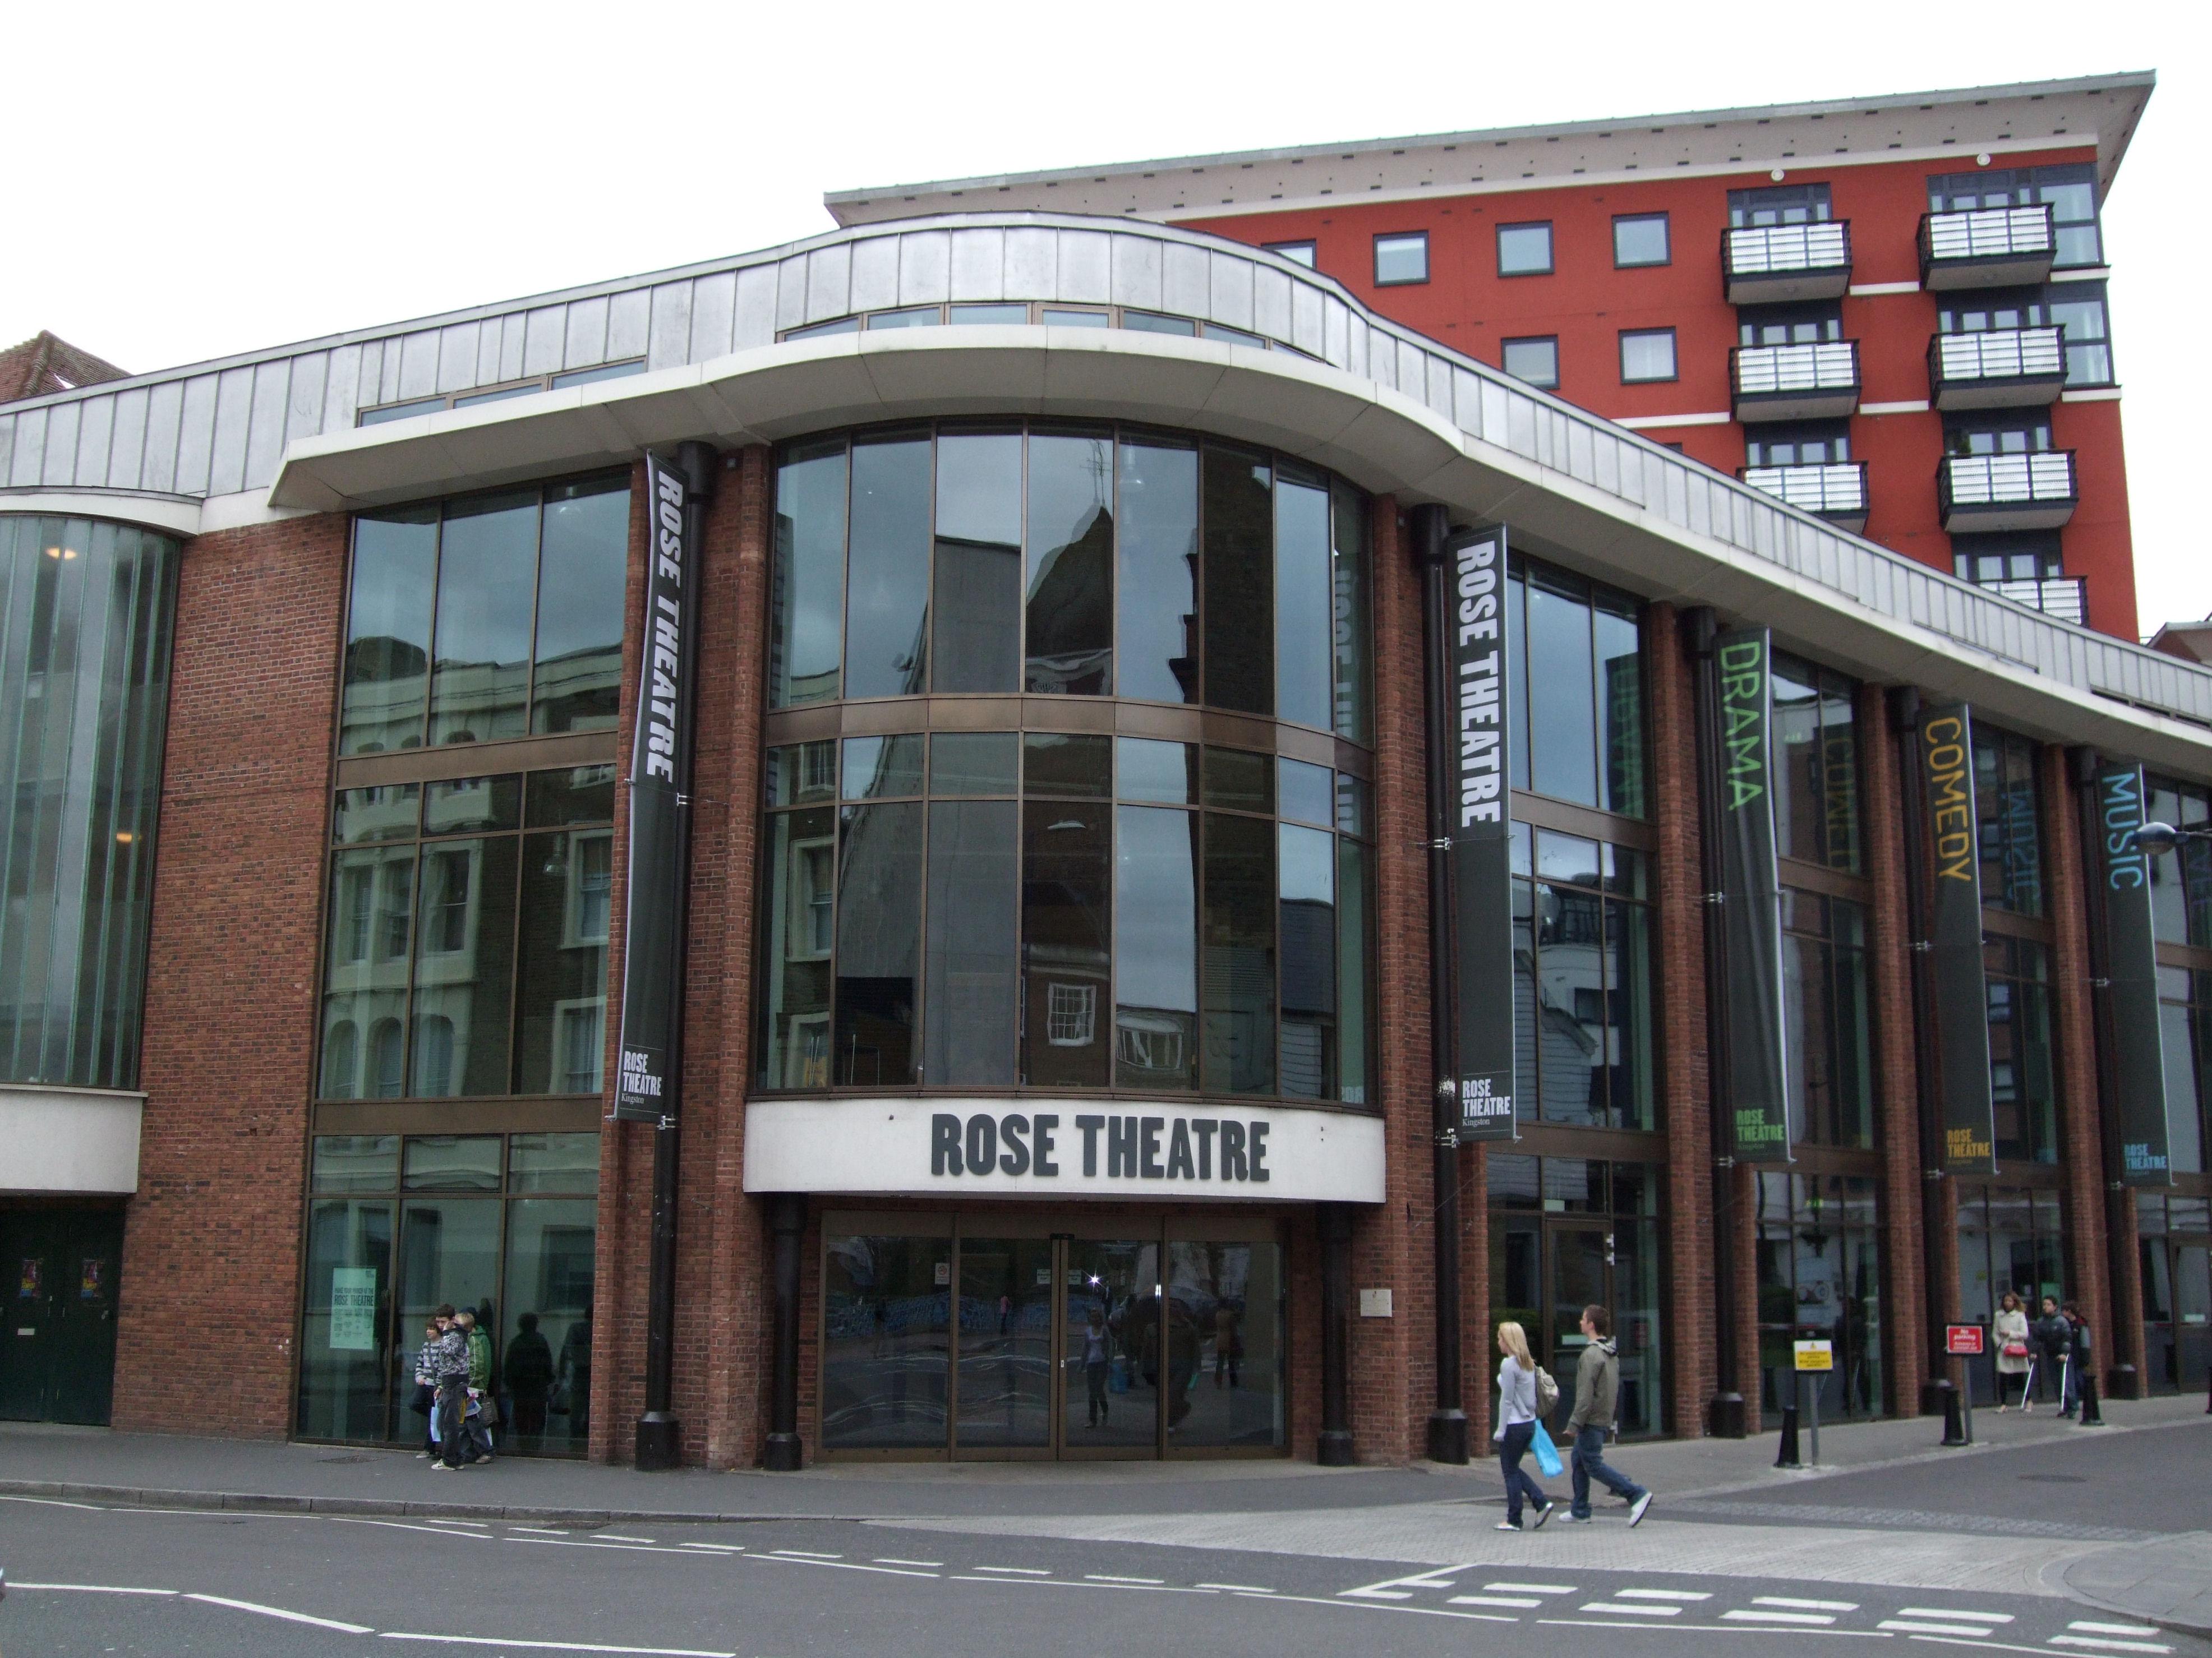 The_Rose_Theatre,_Kingston,_London